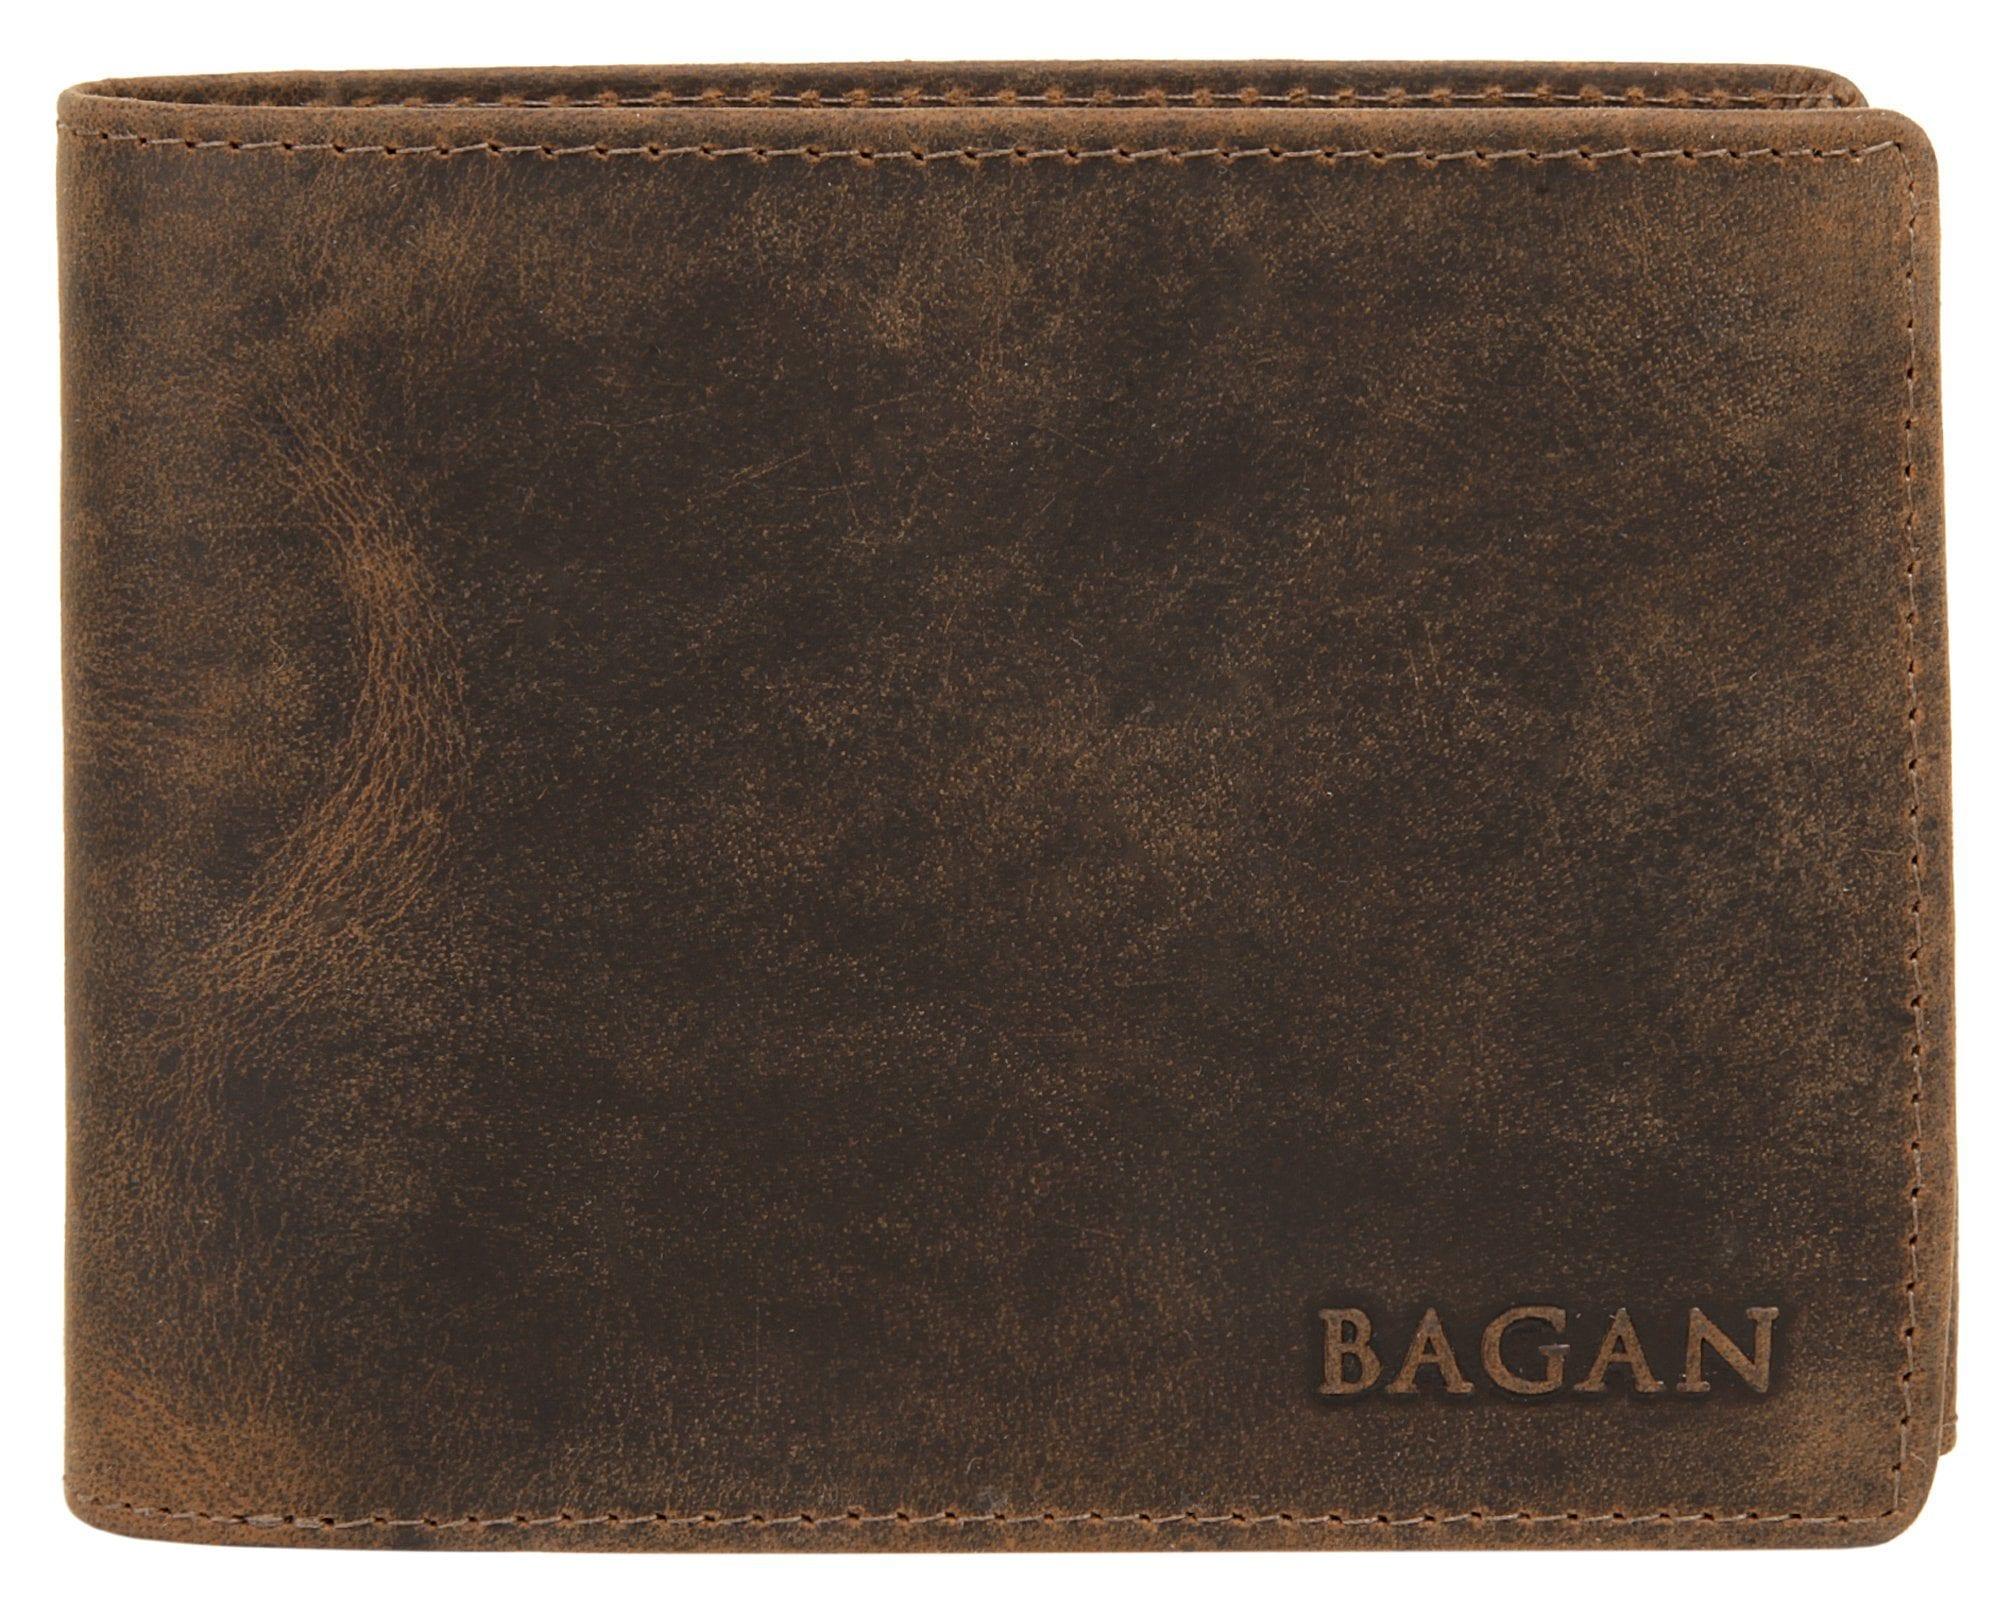 Image of Bagan Geldbörse, 2fach klappbar